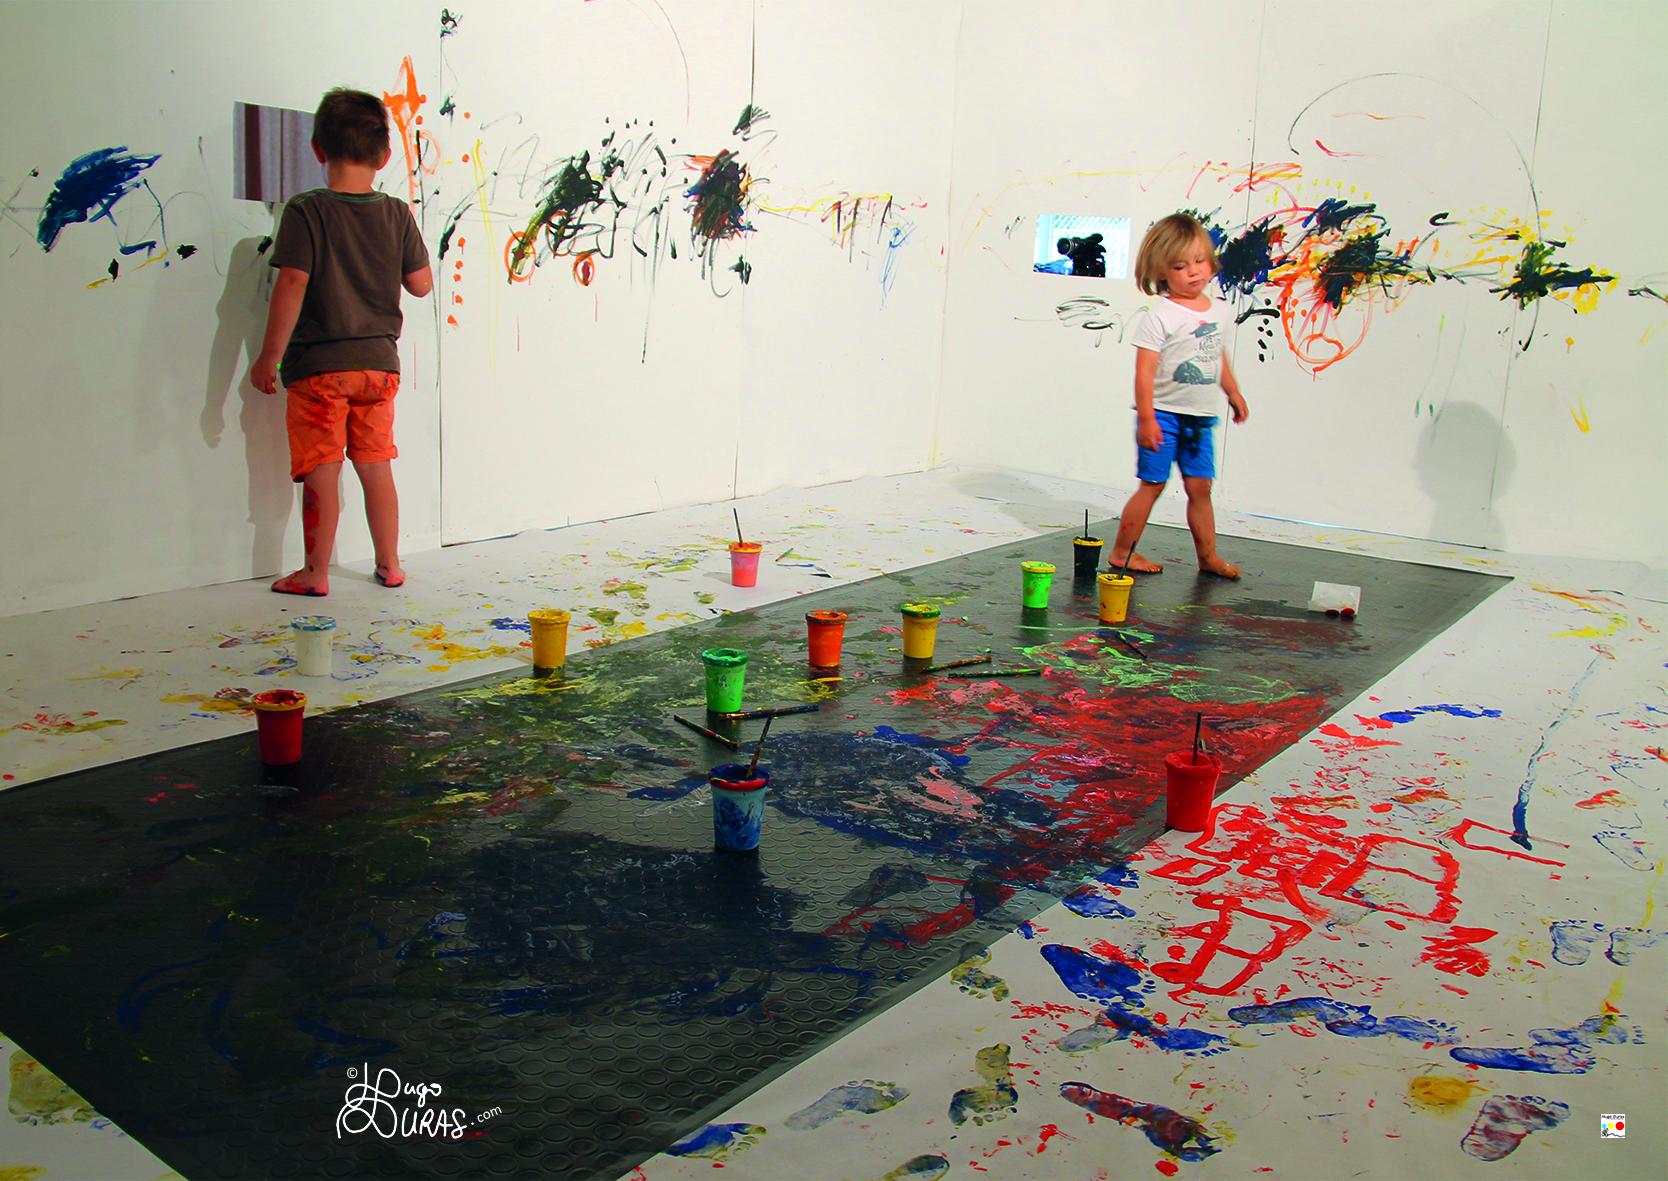 éveil à l'art chez le tout petit - Hugo Duras